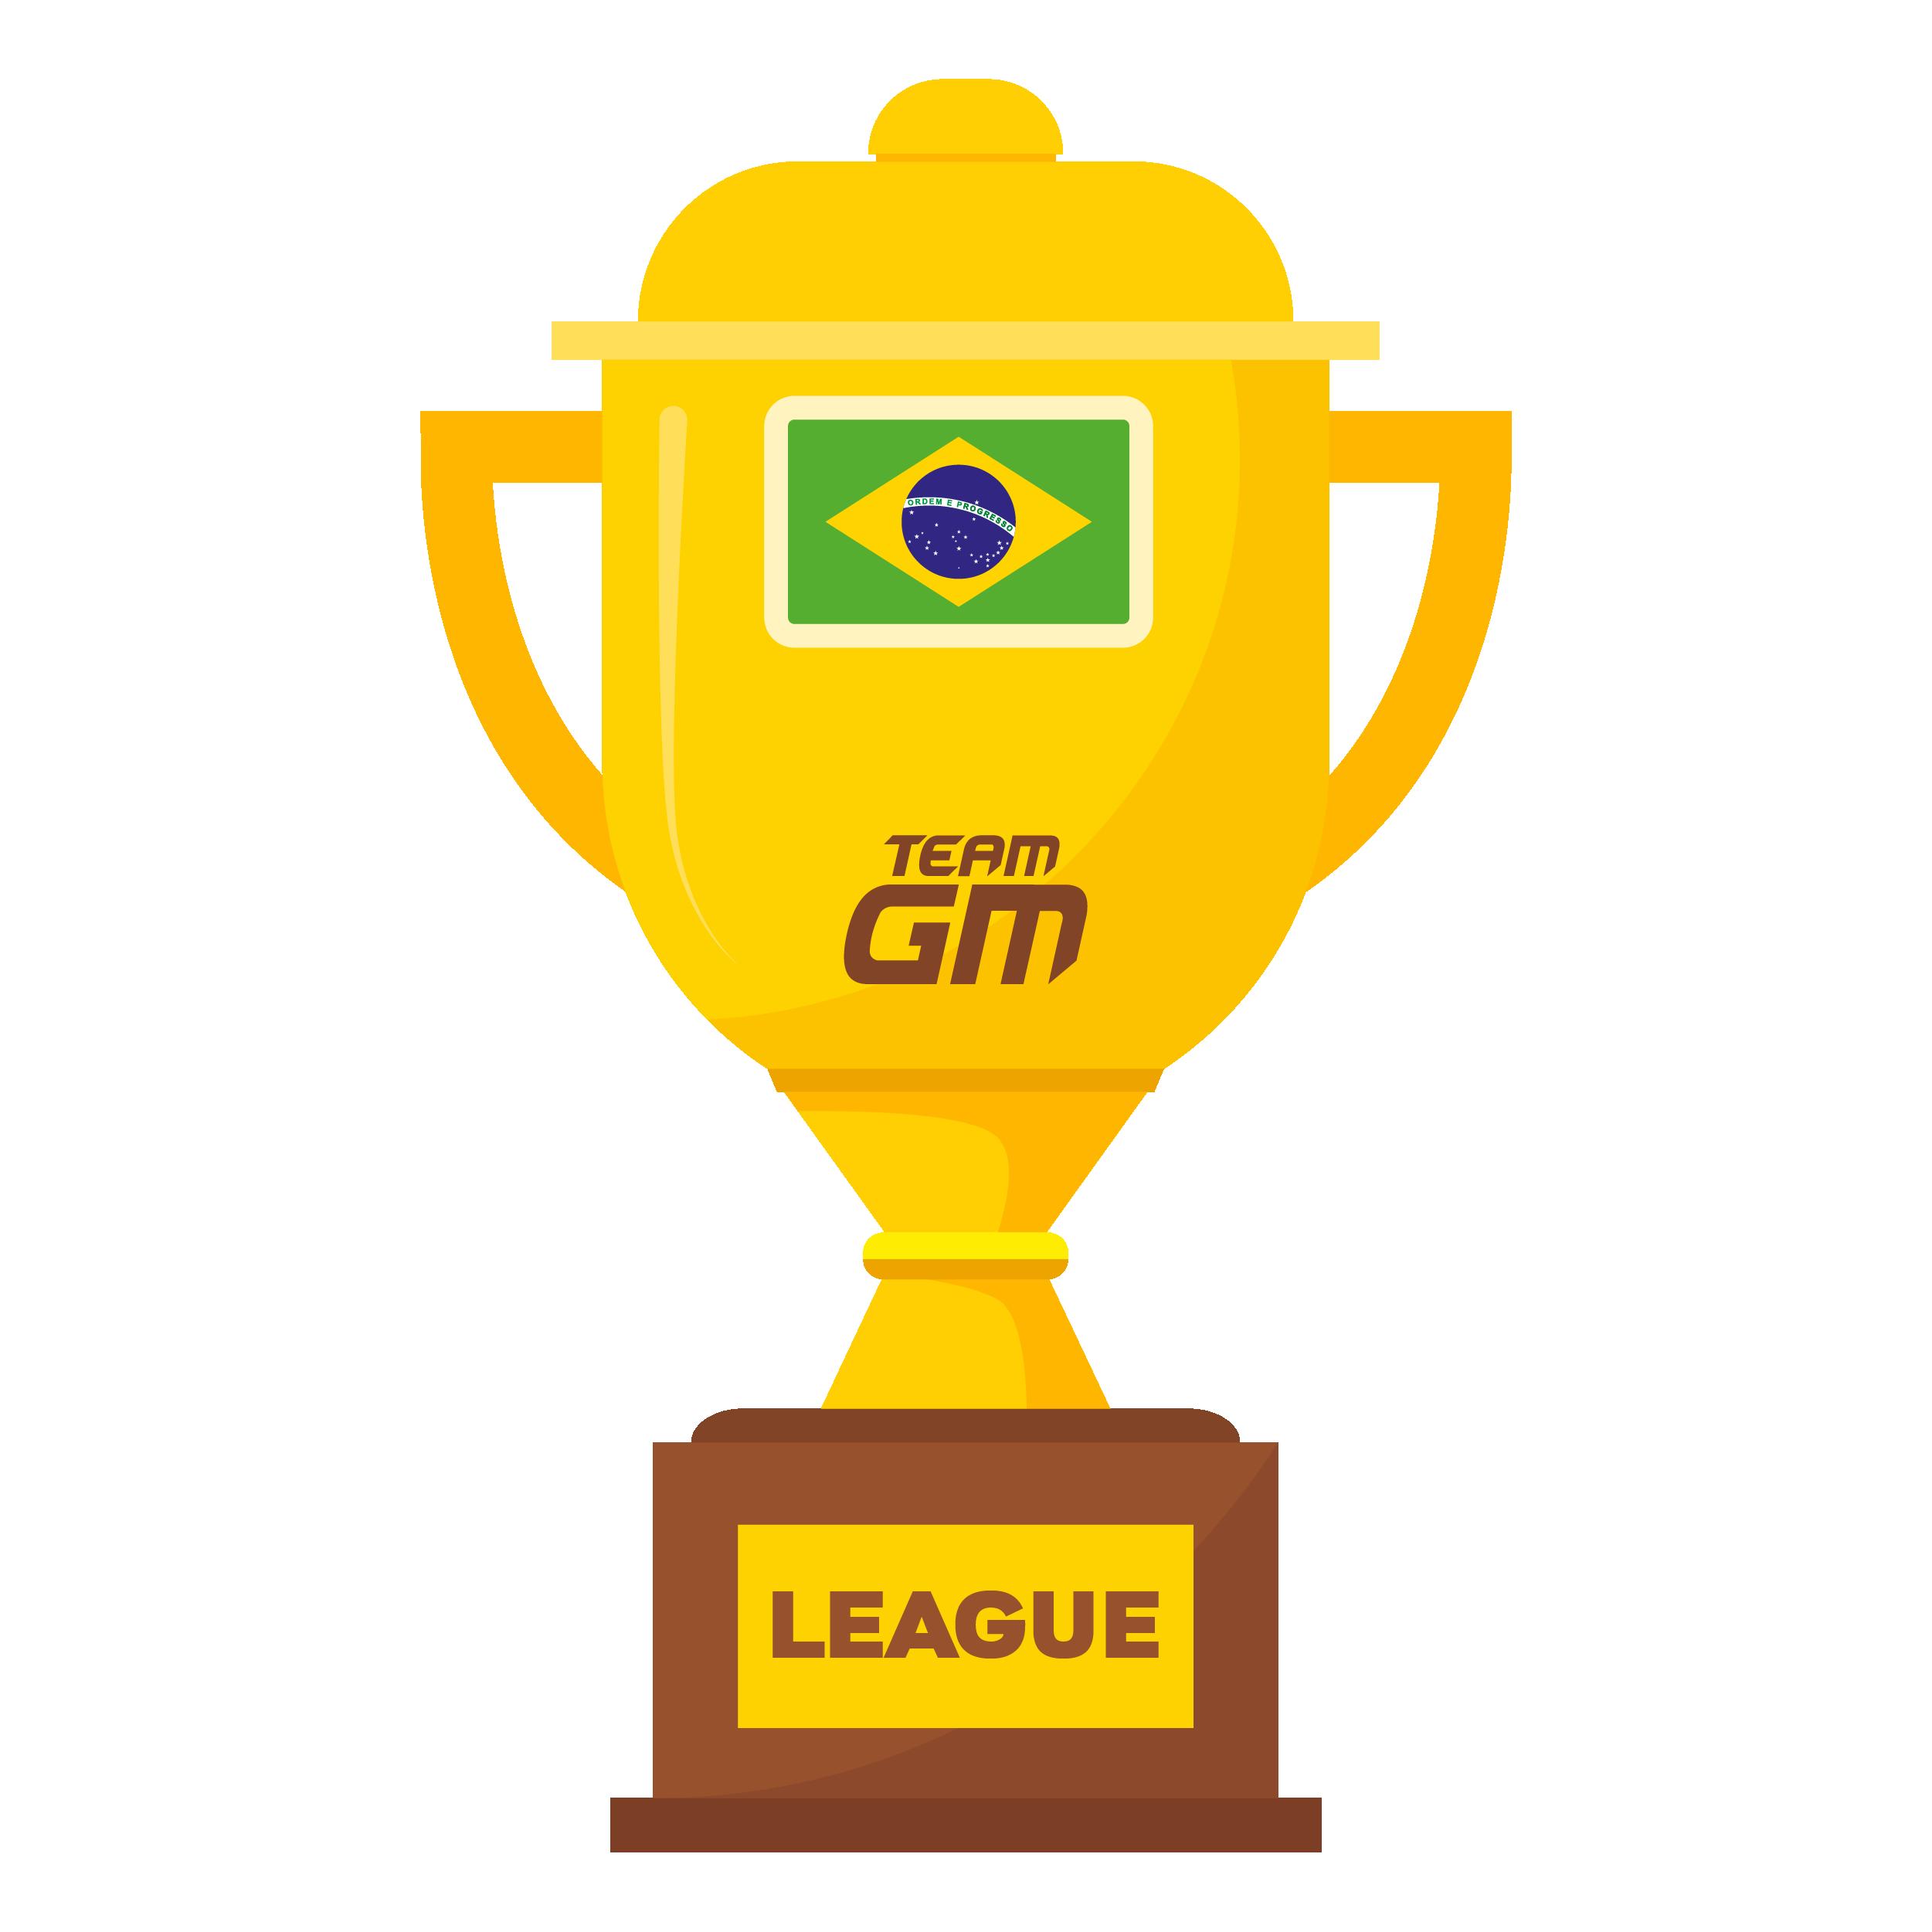 10TH - BRAZILIAN SUPER LEAGUE